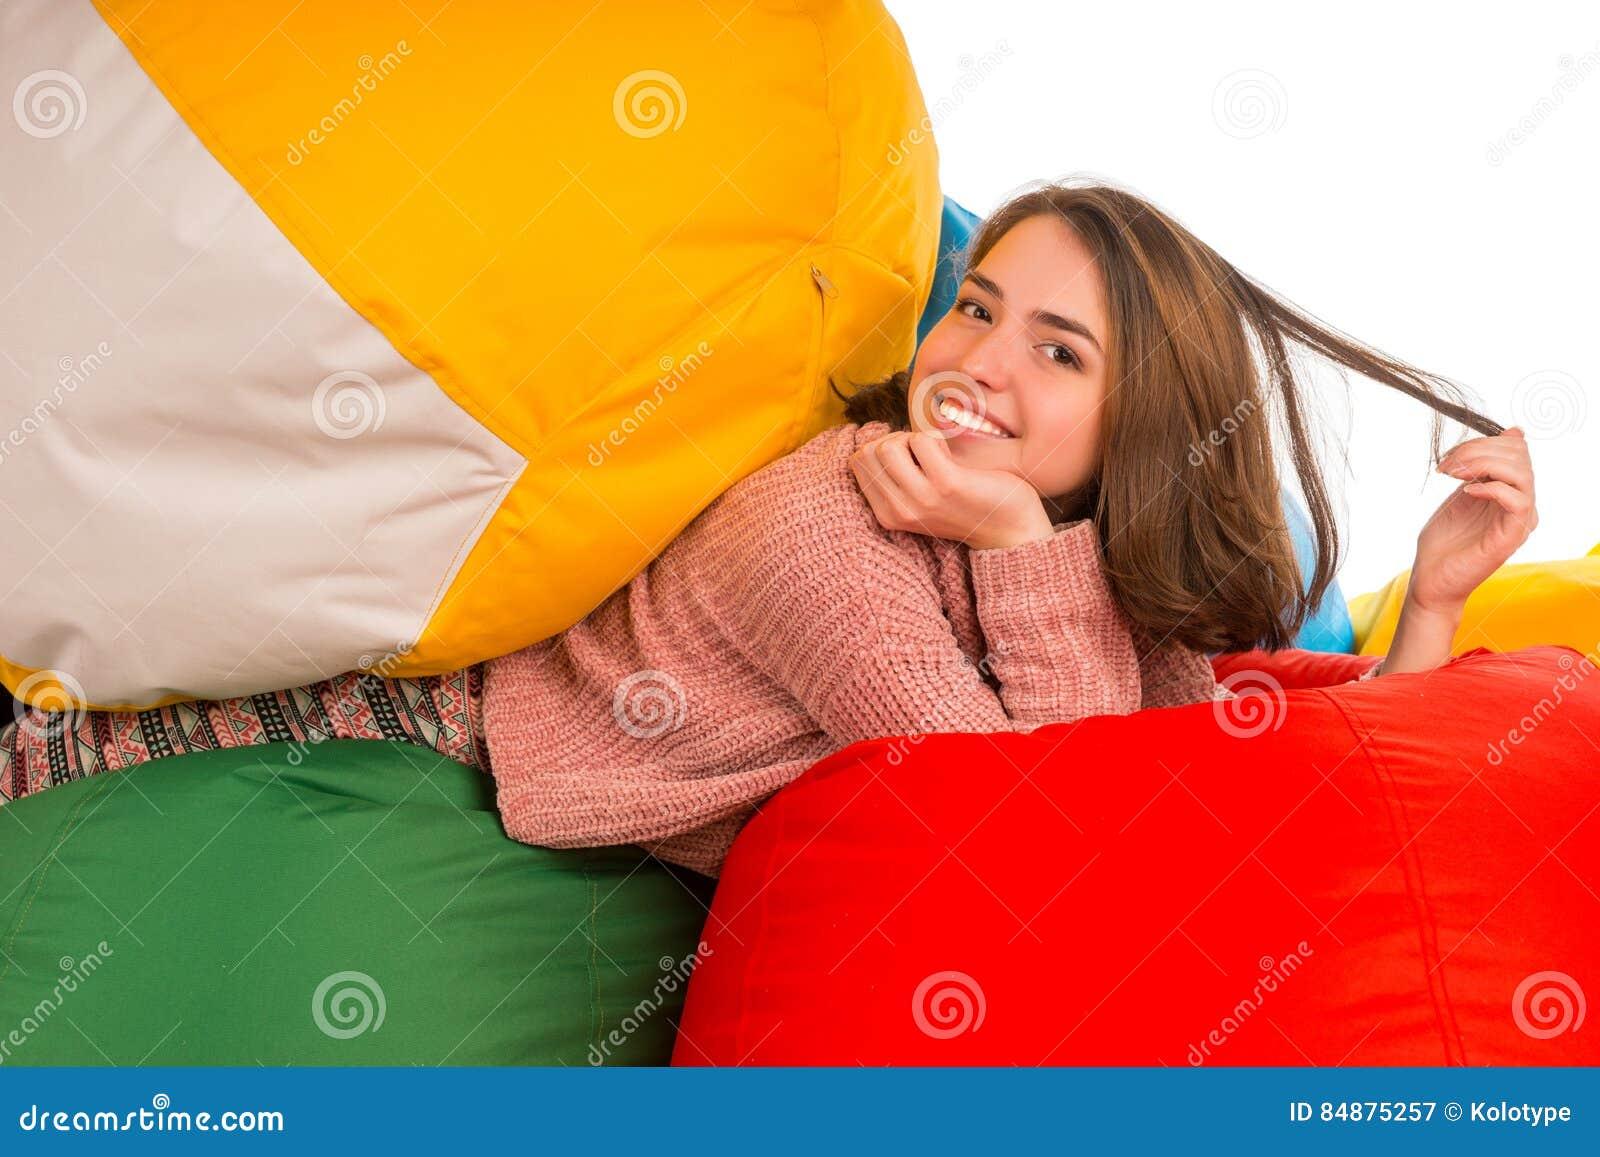 放在装豆子小布袋椅子之间的年轻愉快的妇女